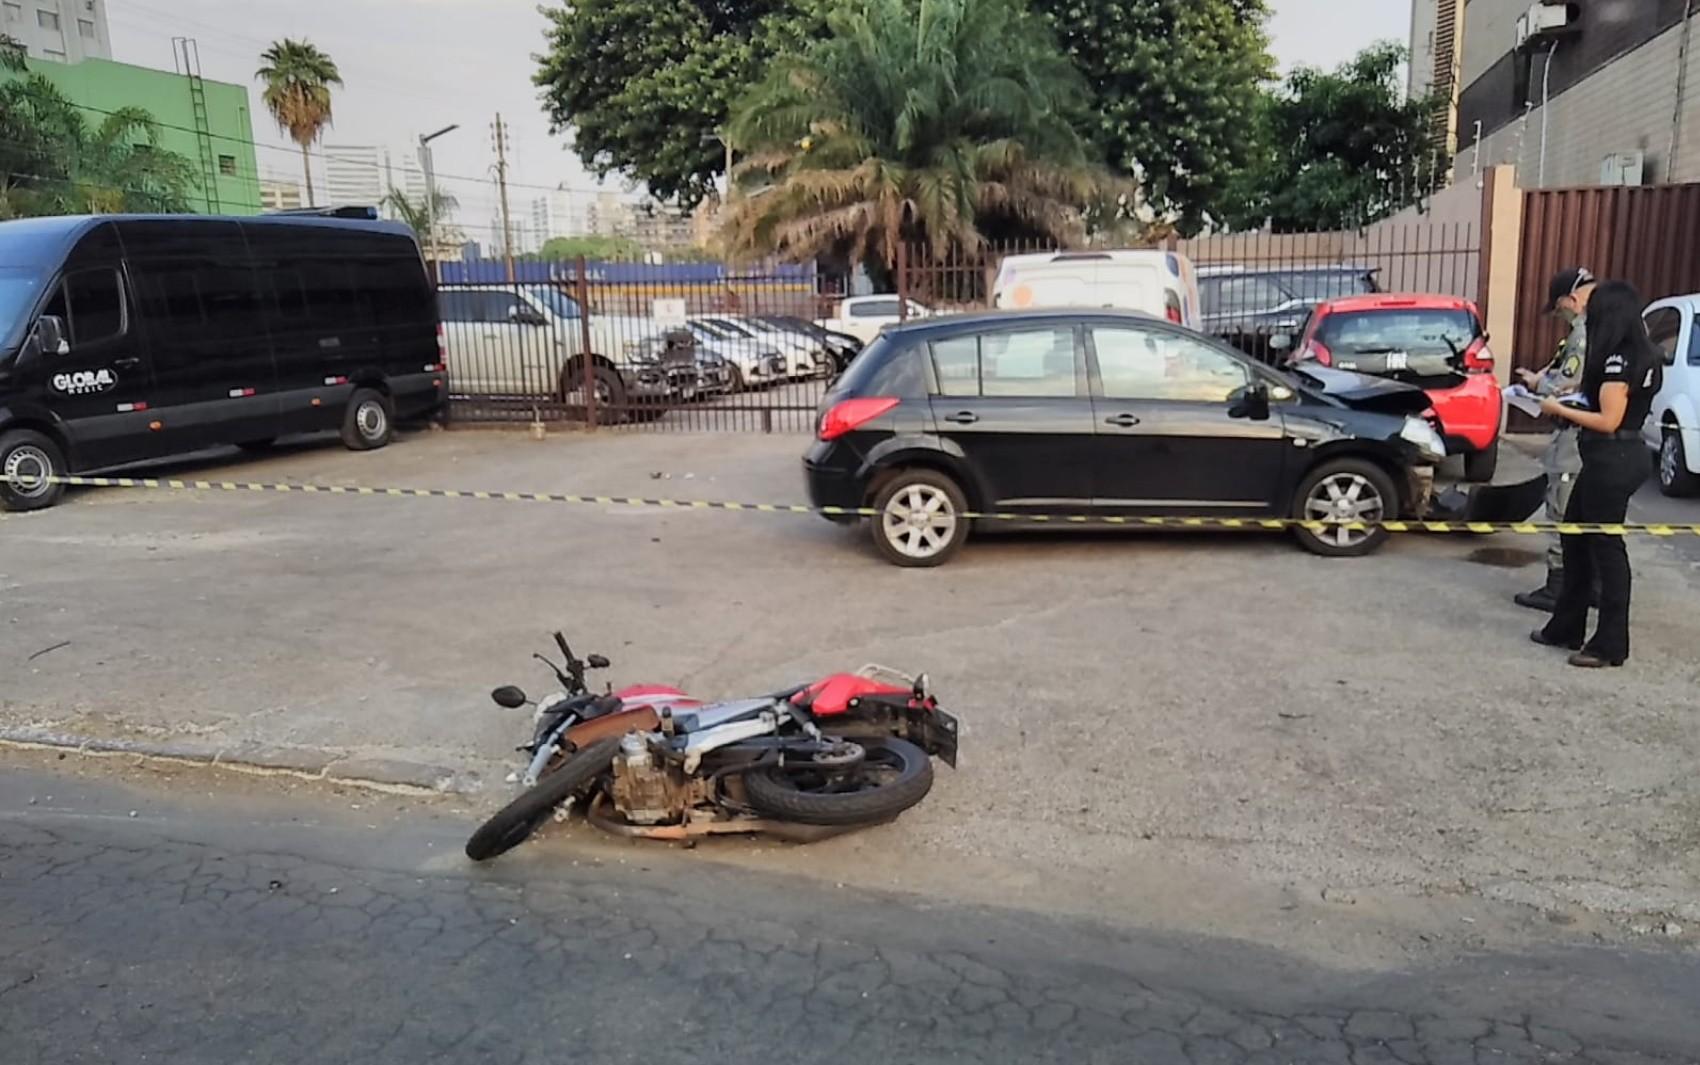 Motociclista gira no ar e morre após ser atingido por carro que entrou na contramão da Avenida 85, em Goiânia; vídeo